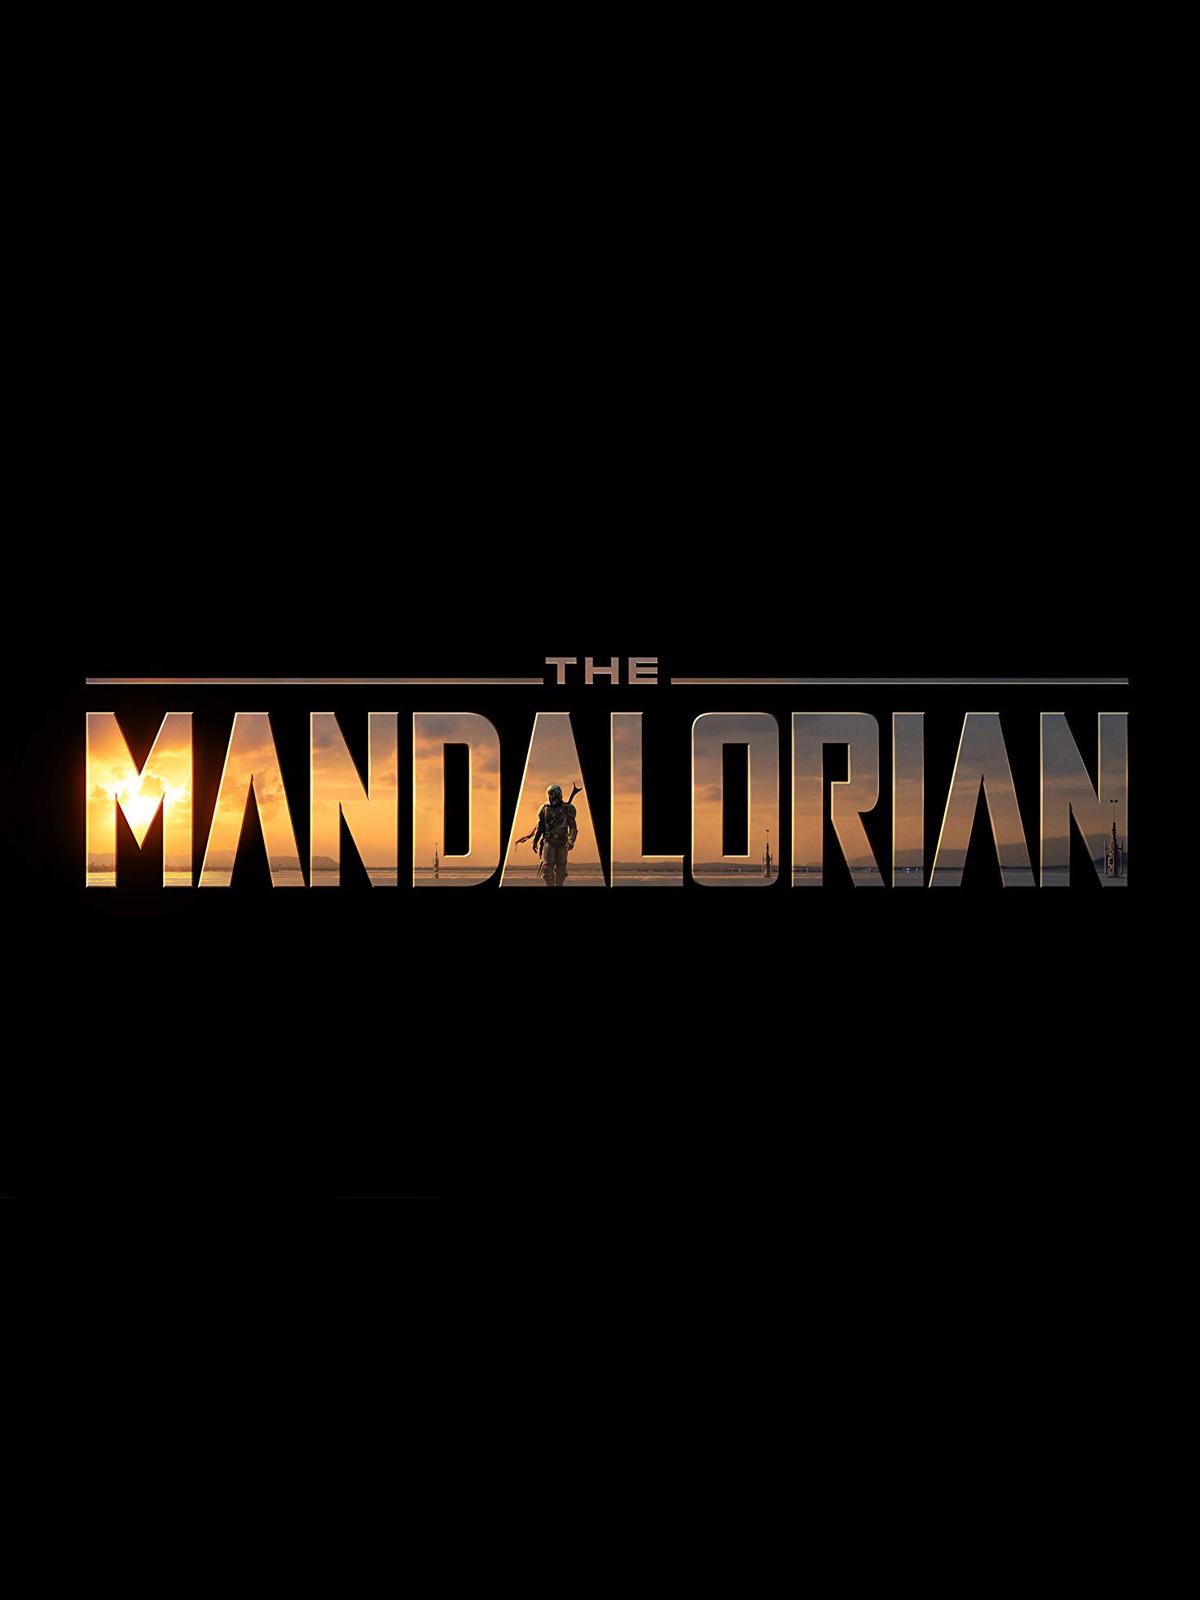 38 - The Mandalorian